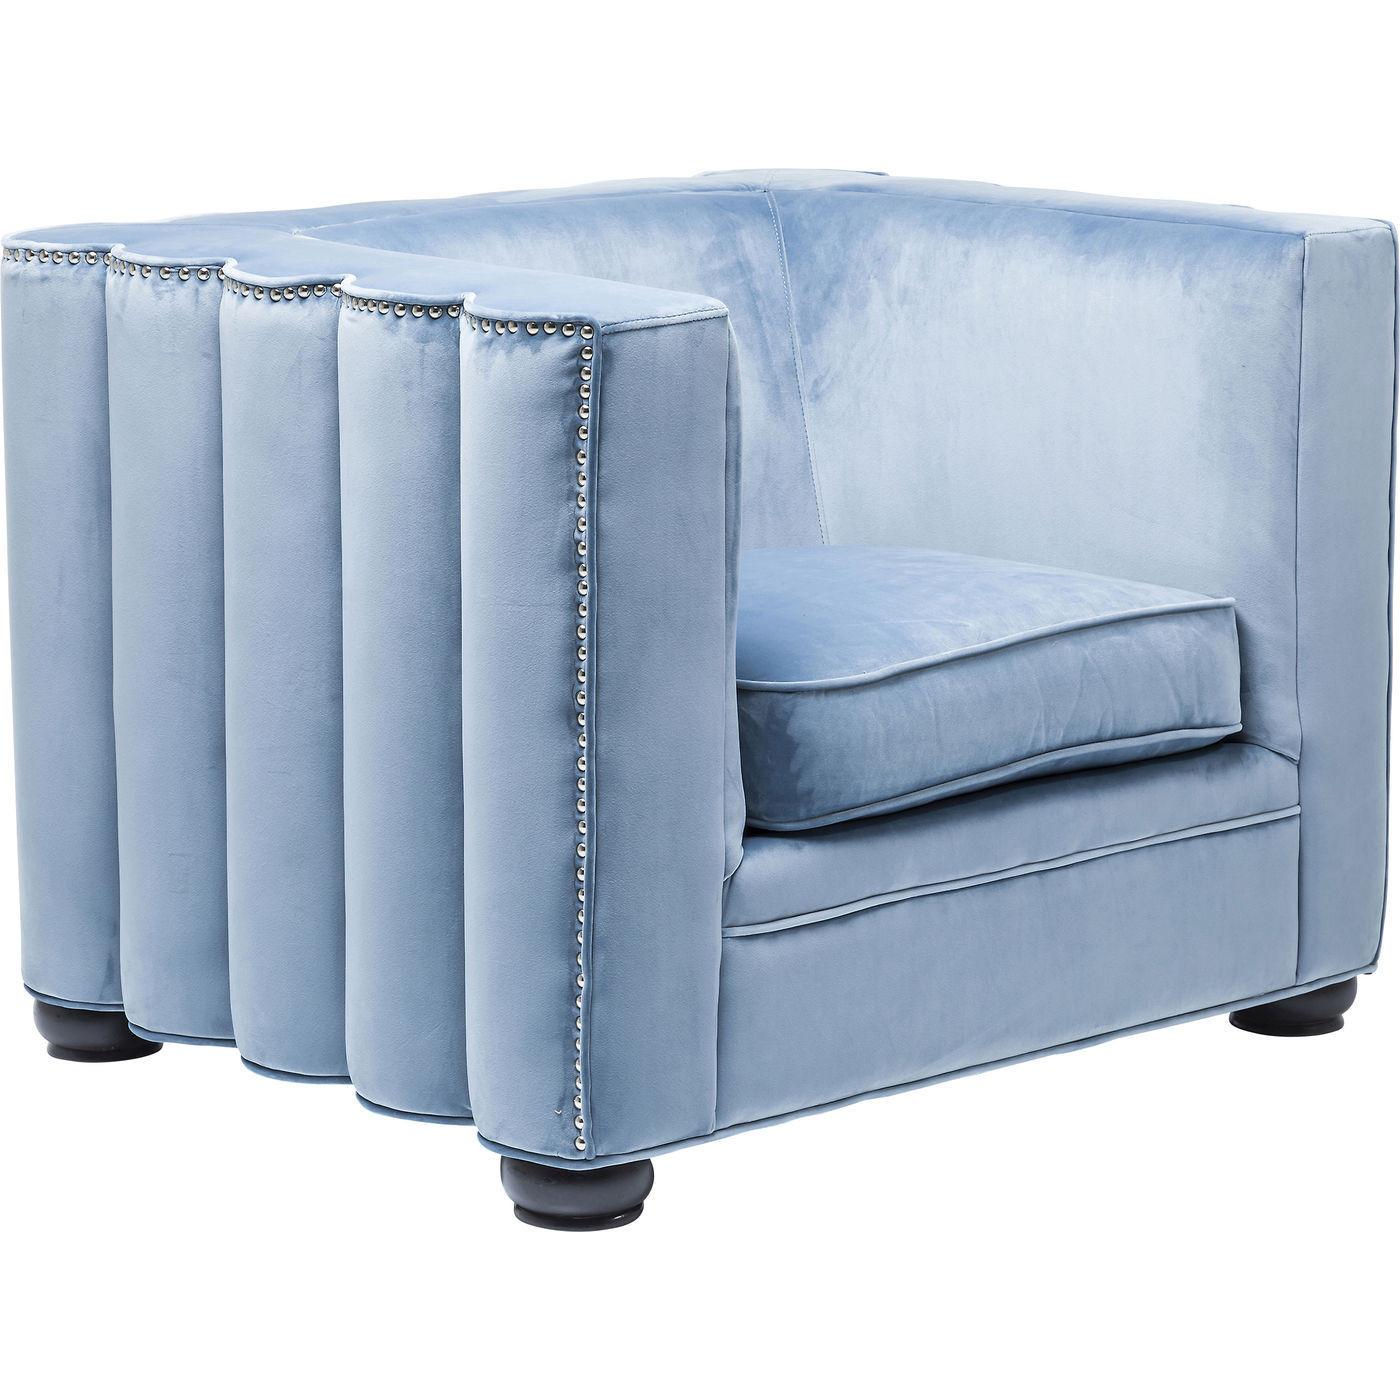 sessel wave kare design mutoni m bel. Black Bedroom Furniture Sets. Home Design Ideas